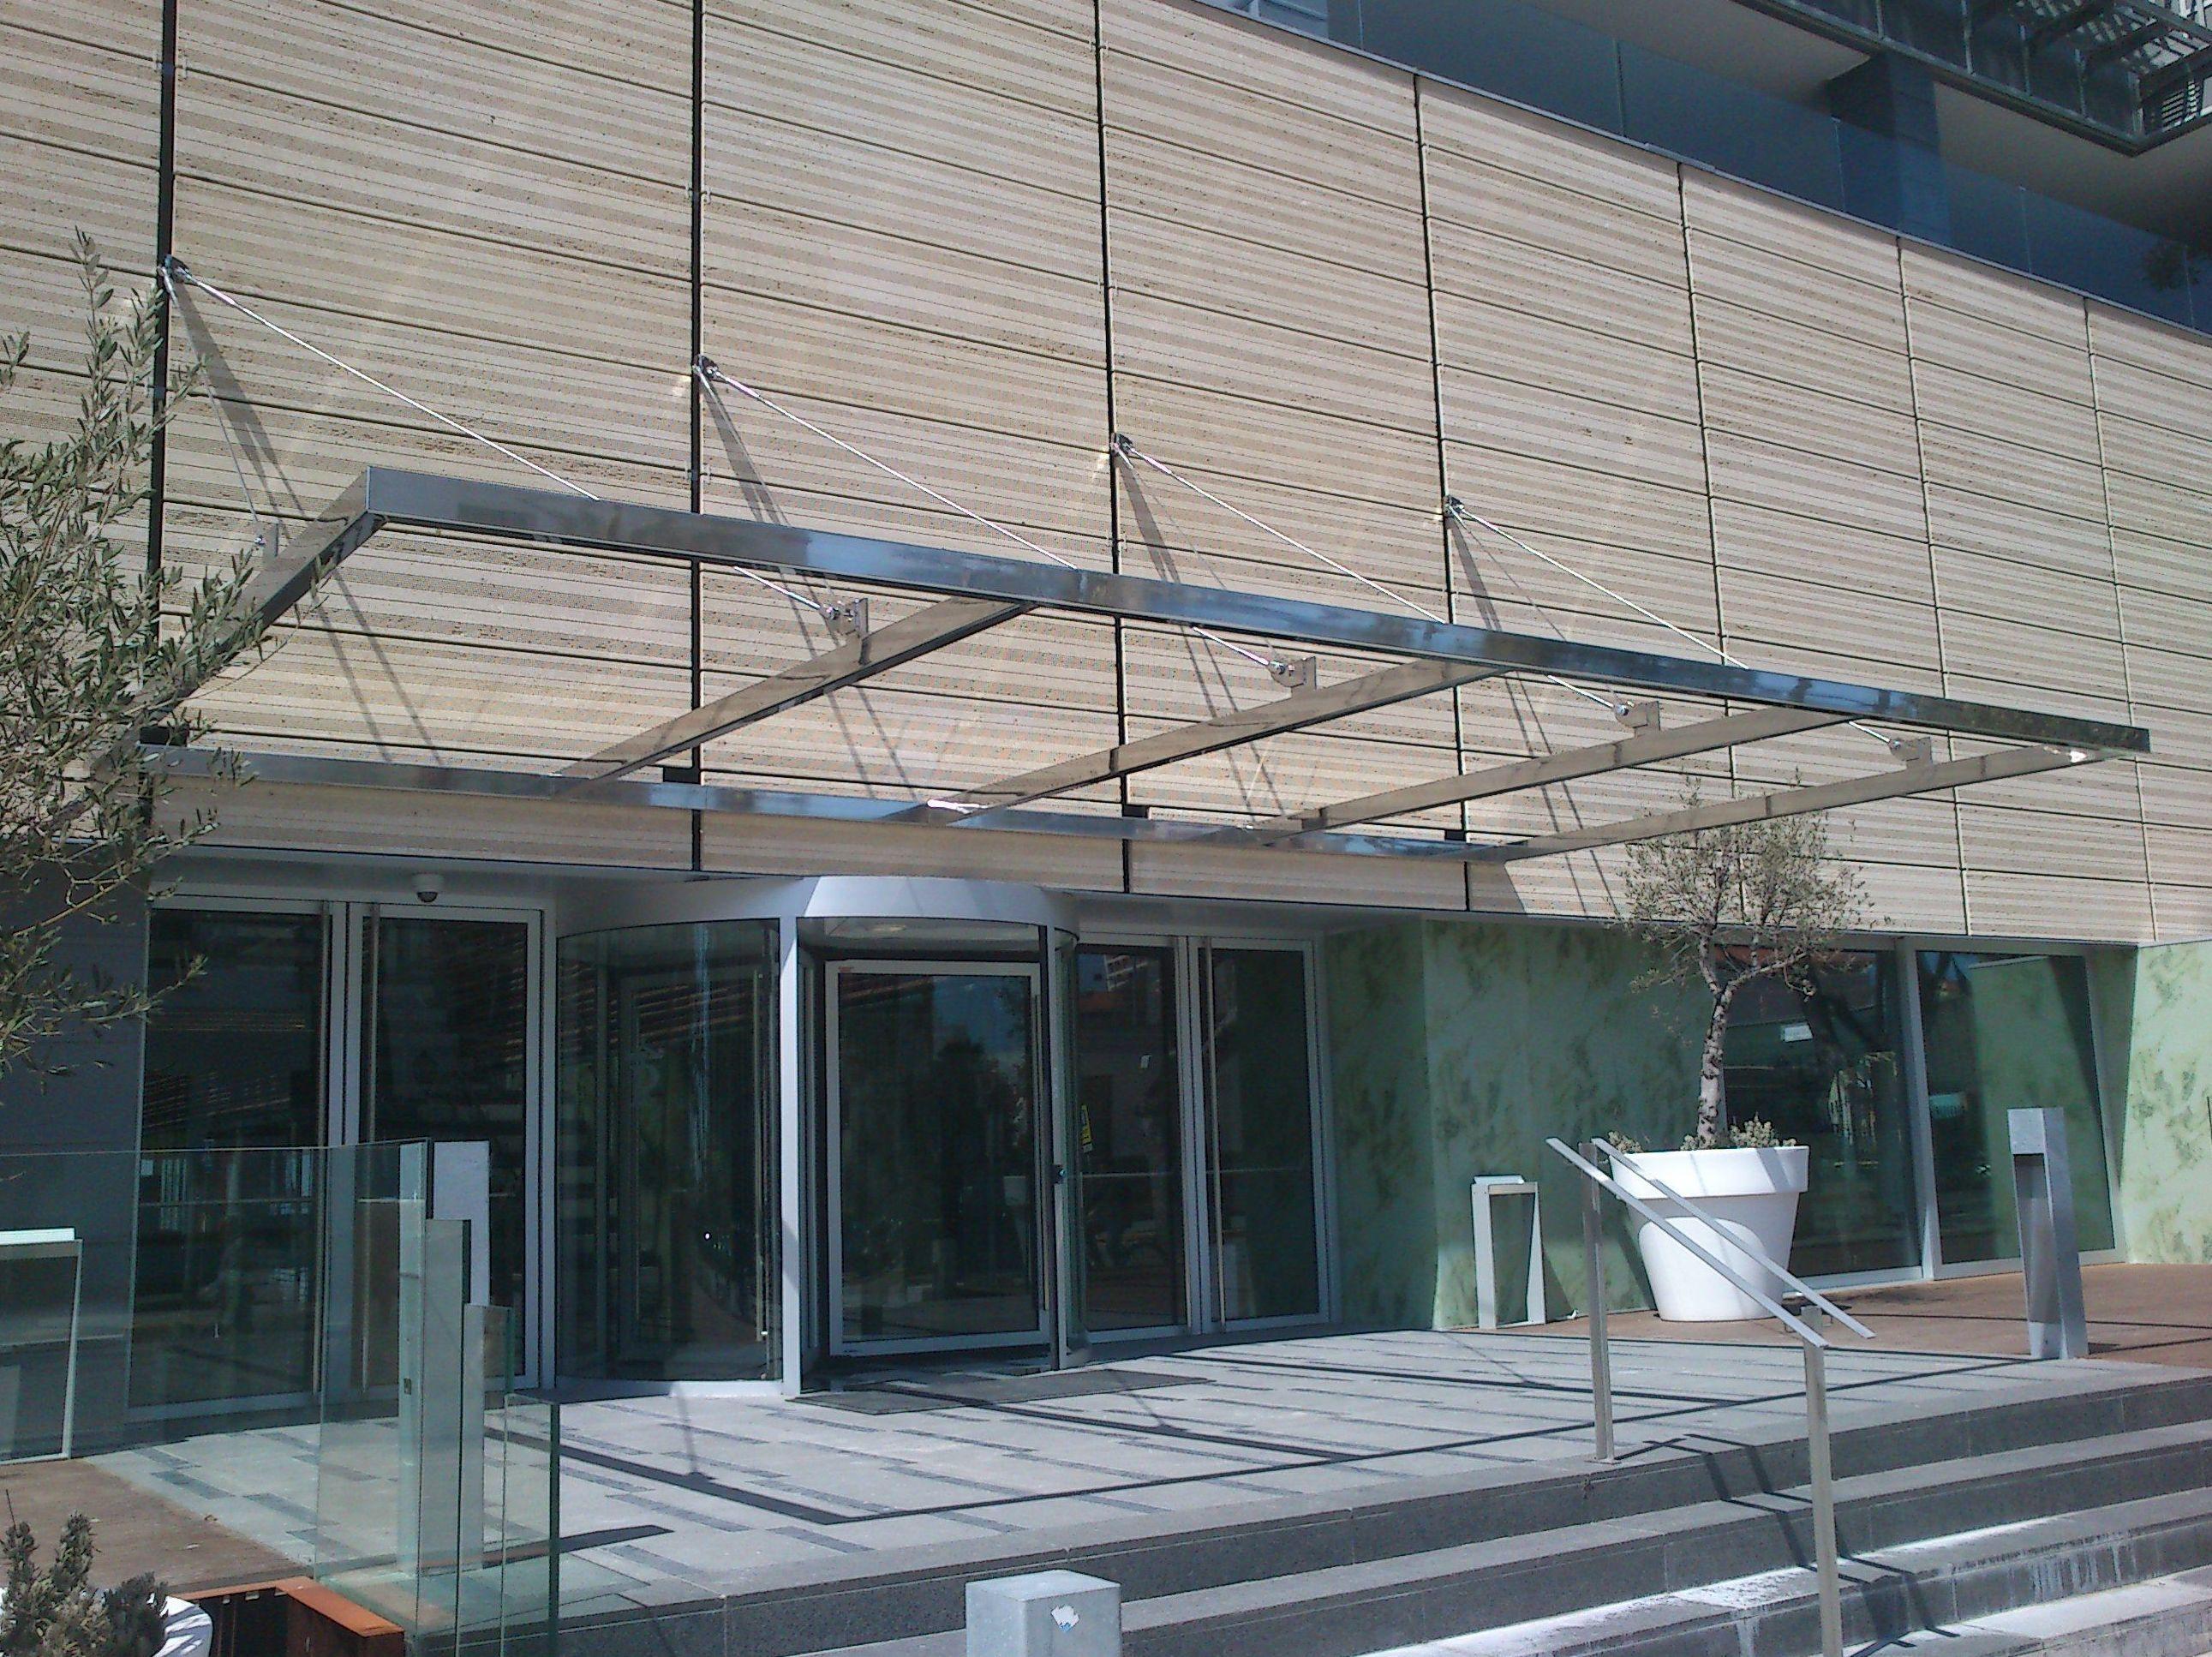 Foto 72 de Especialistas en diseños y proyectos en acero inoxidable en Alcalá de Guadaíra | Icminox